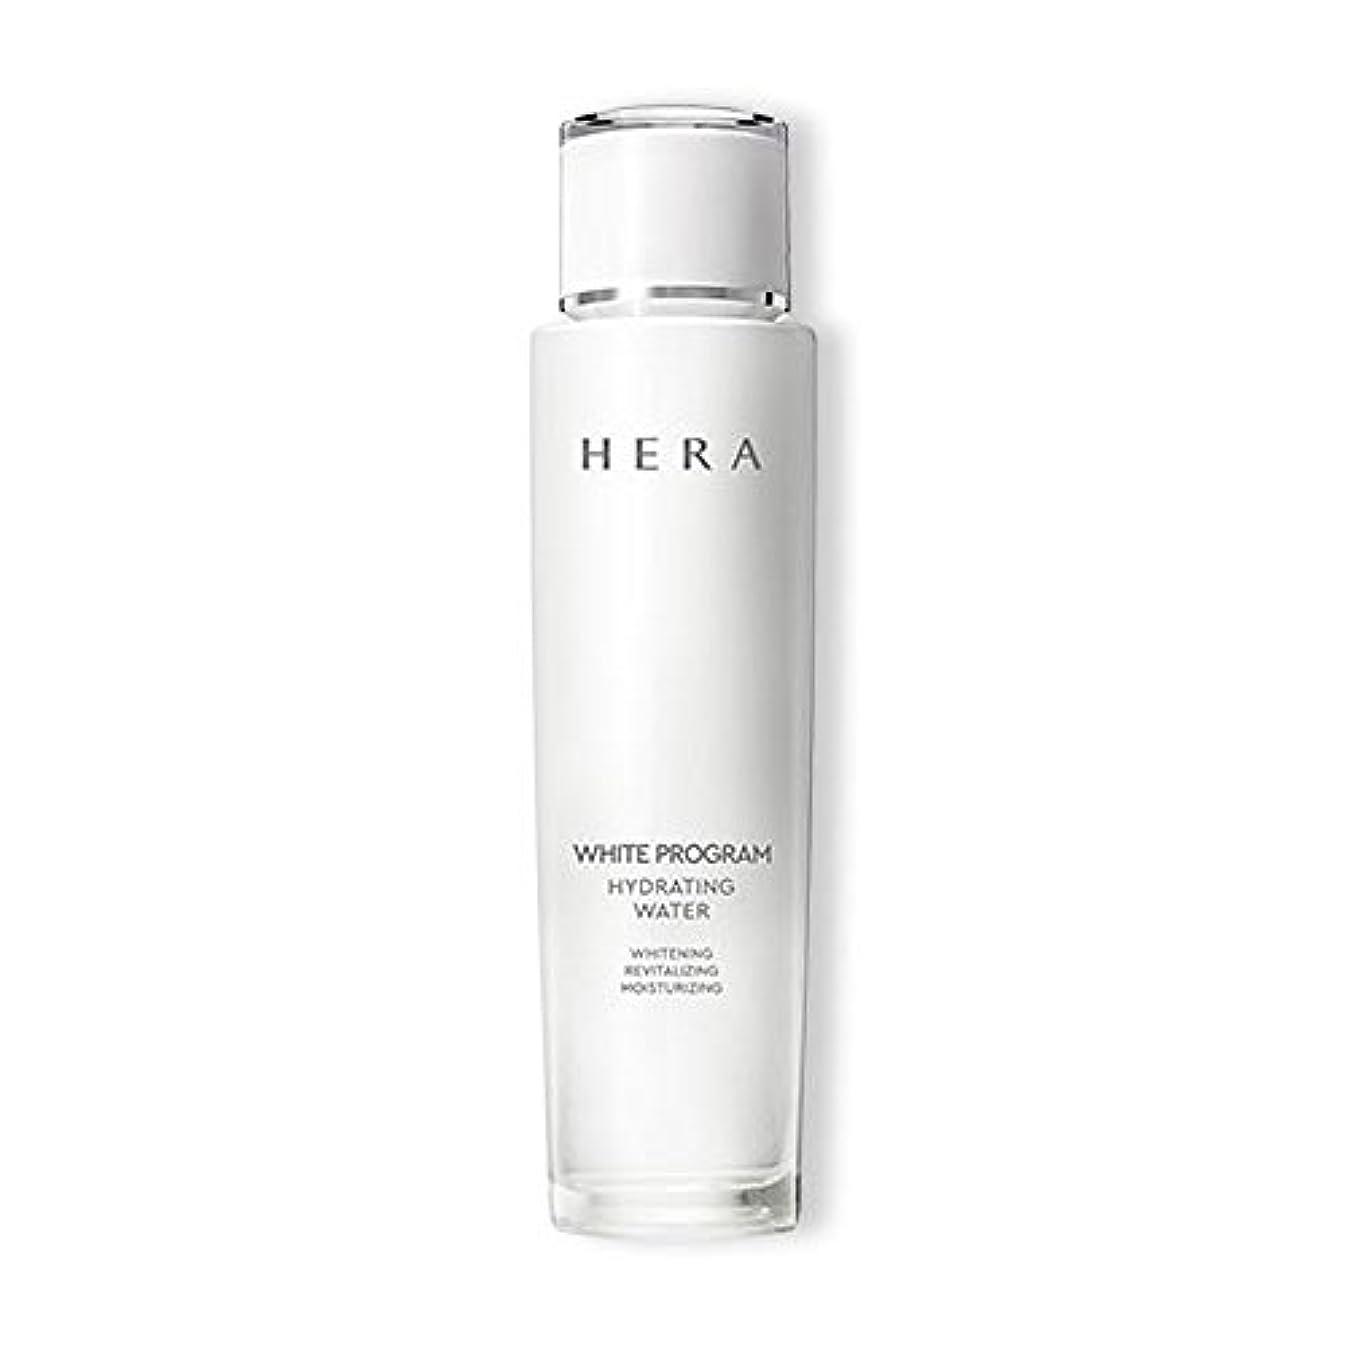 評価可能コンパス鉄道HERA(ヘラ) ホワイトプログラムハイドロレイティングウォーター(化粧水)150ml